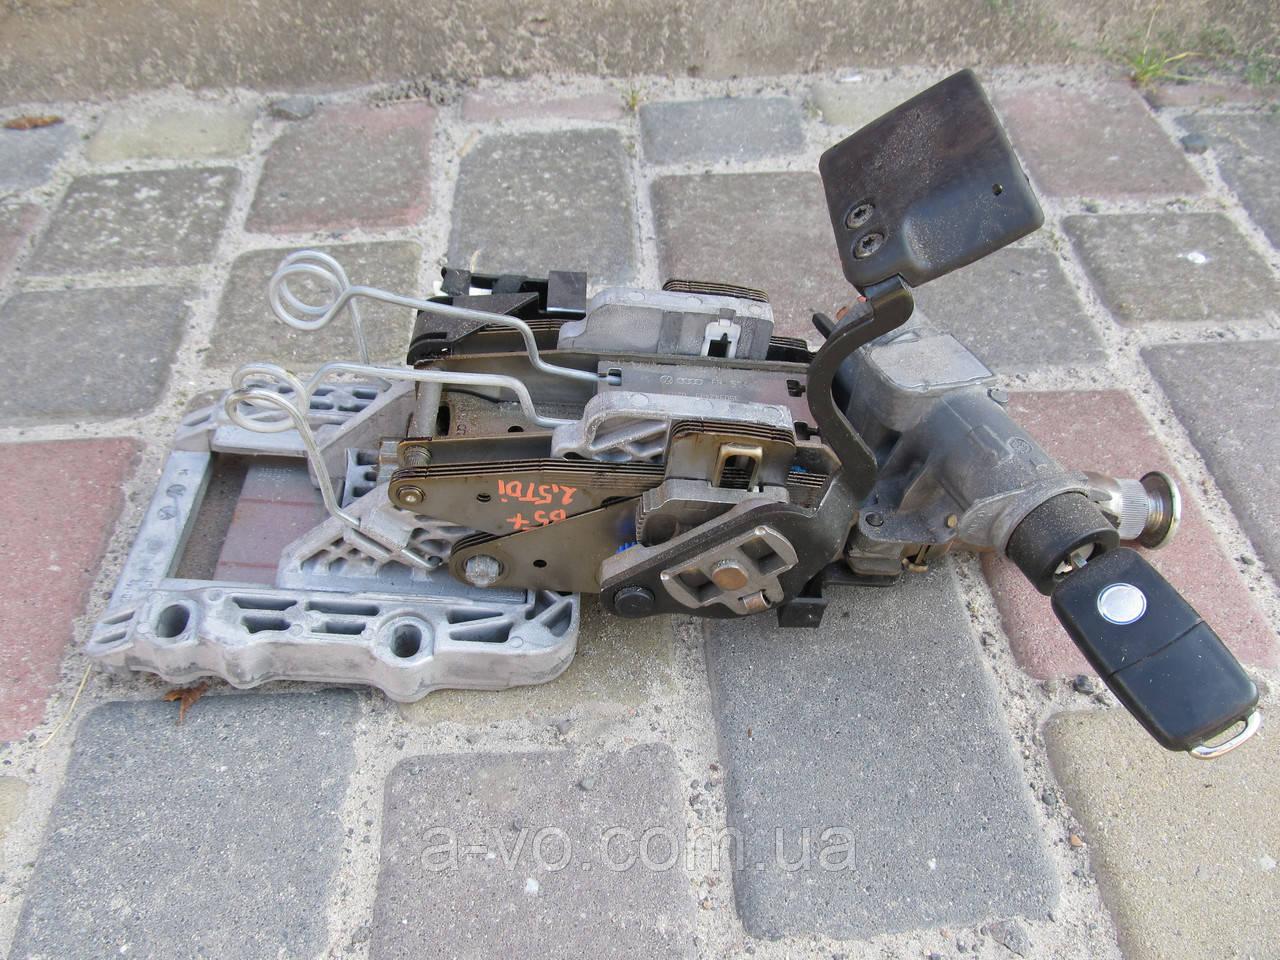 Рулевая колонка механизм c замком зажигания VW Passat B5, 3B0419502F, 4b0905851C, 4B0905849